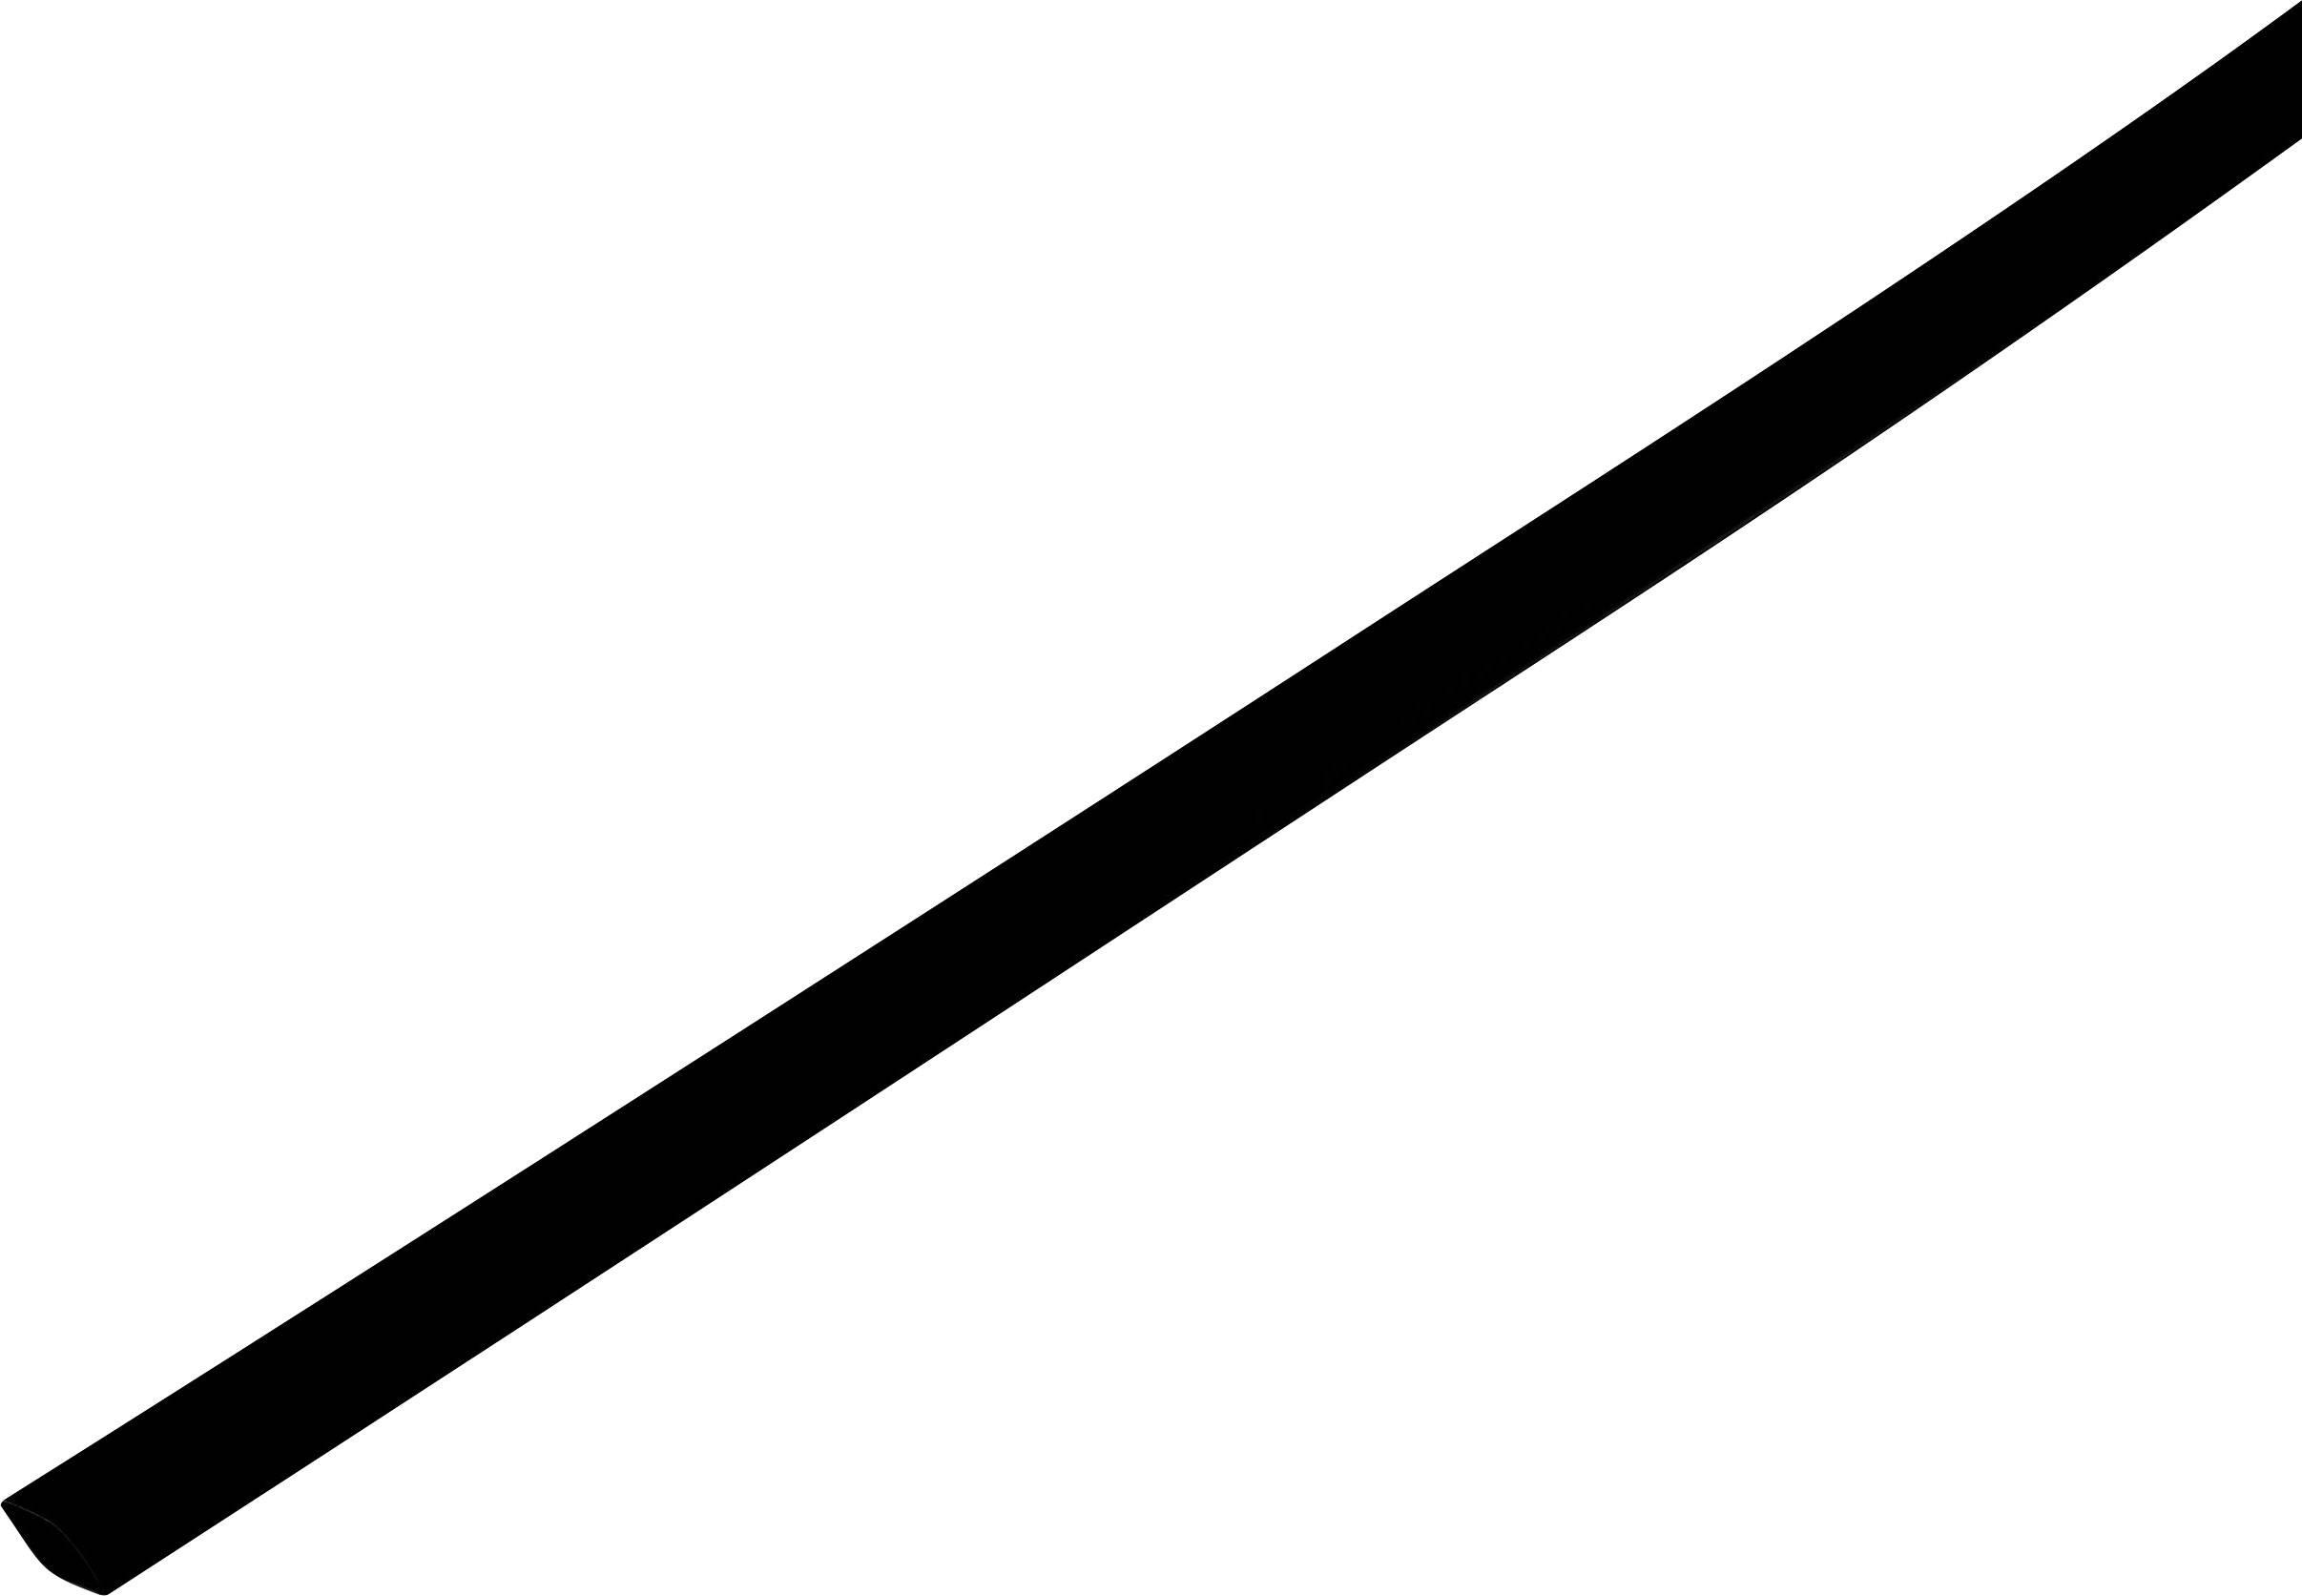 Zmršťovacia bužírka bez lepidla TRU COMPONENTS 1572501, 2:1, 2.50 mm, čierna, metrový tovar